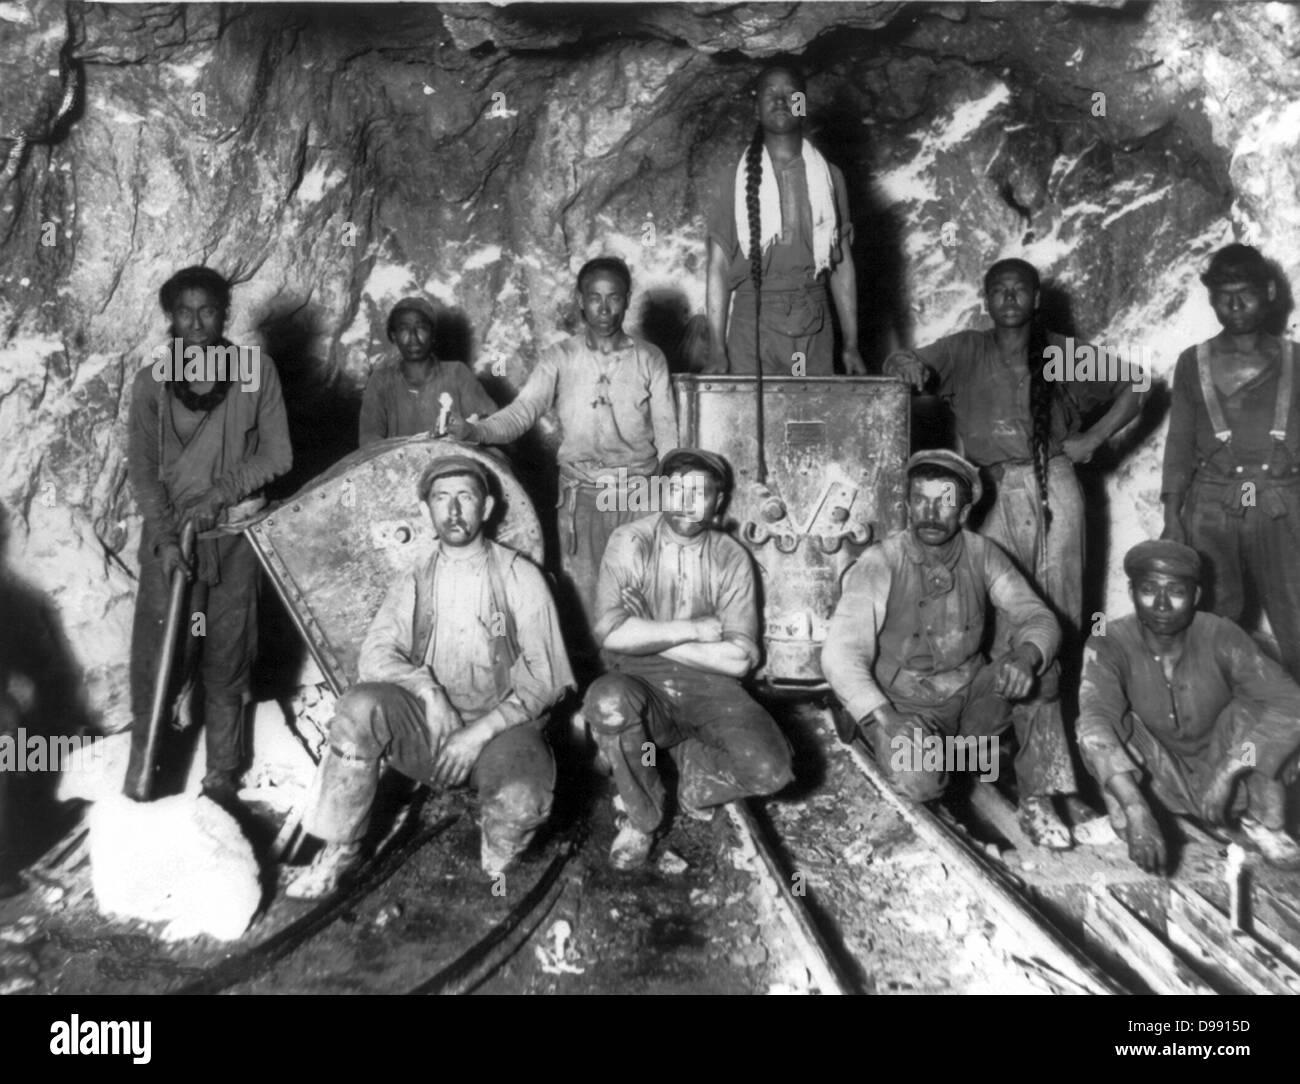 Negro, Chino, Blanco y trabajadores en una mina de oro en Sudáfrica, c1900. Imagen De Stock